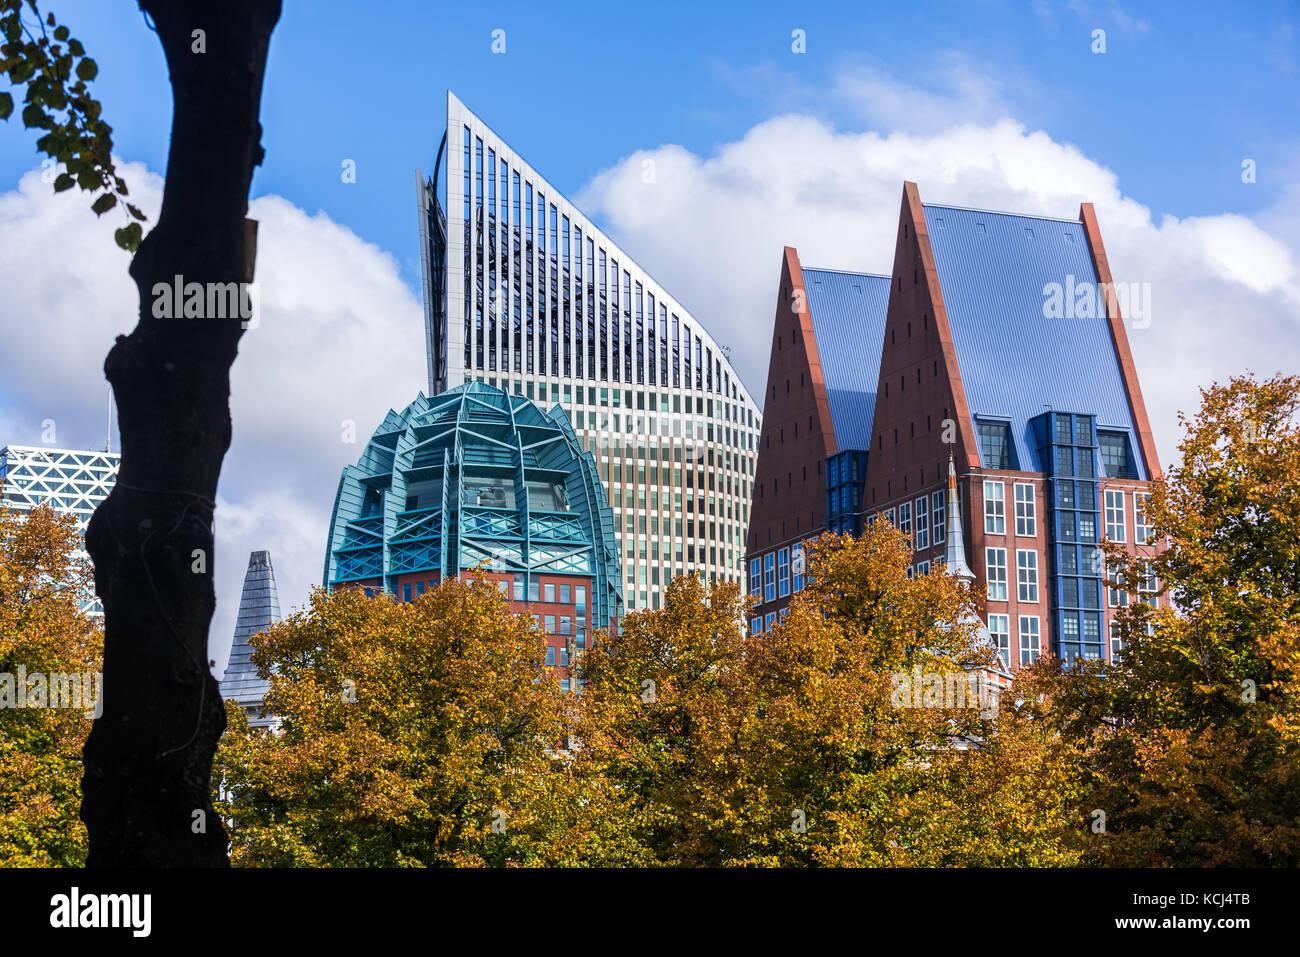 Den haag niederl ndisch holland wohngebiet skyline for Moderne architektur gebaude